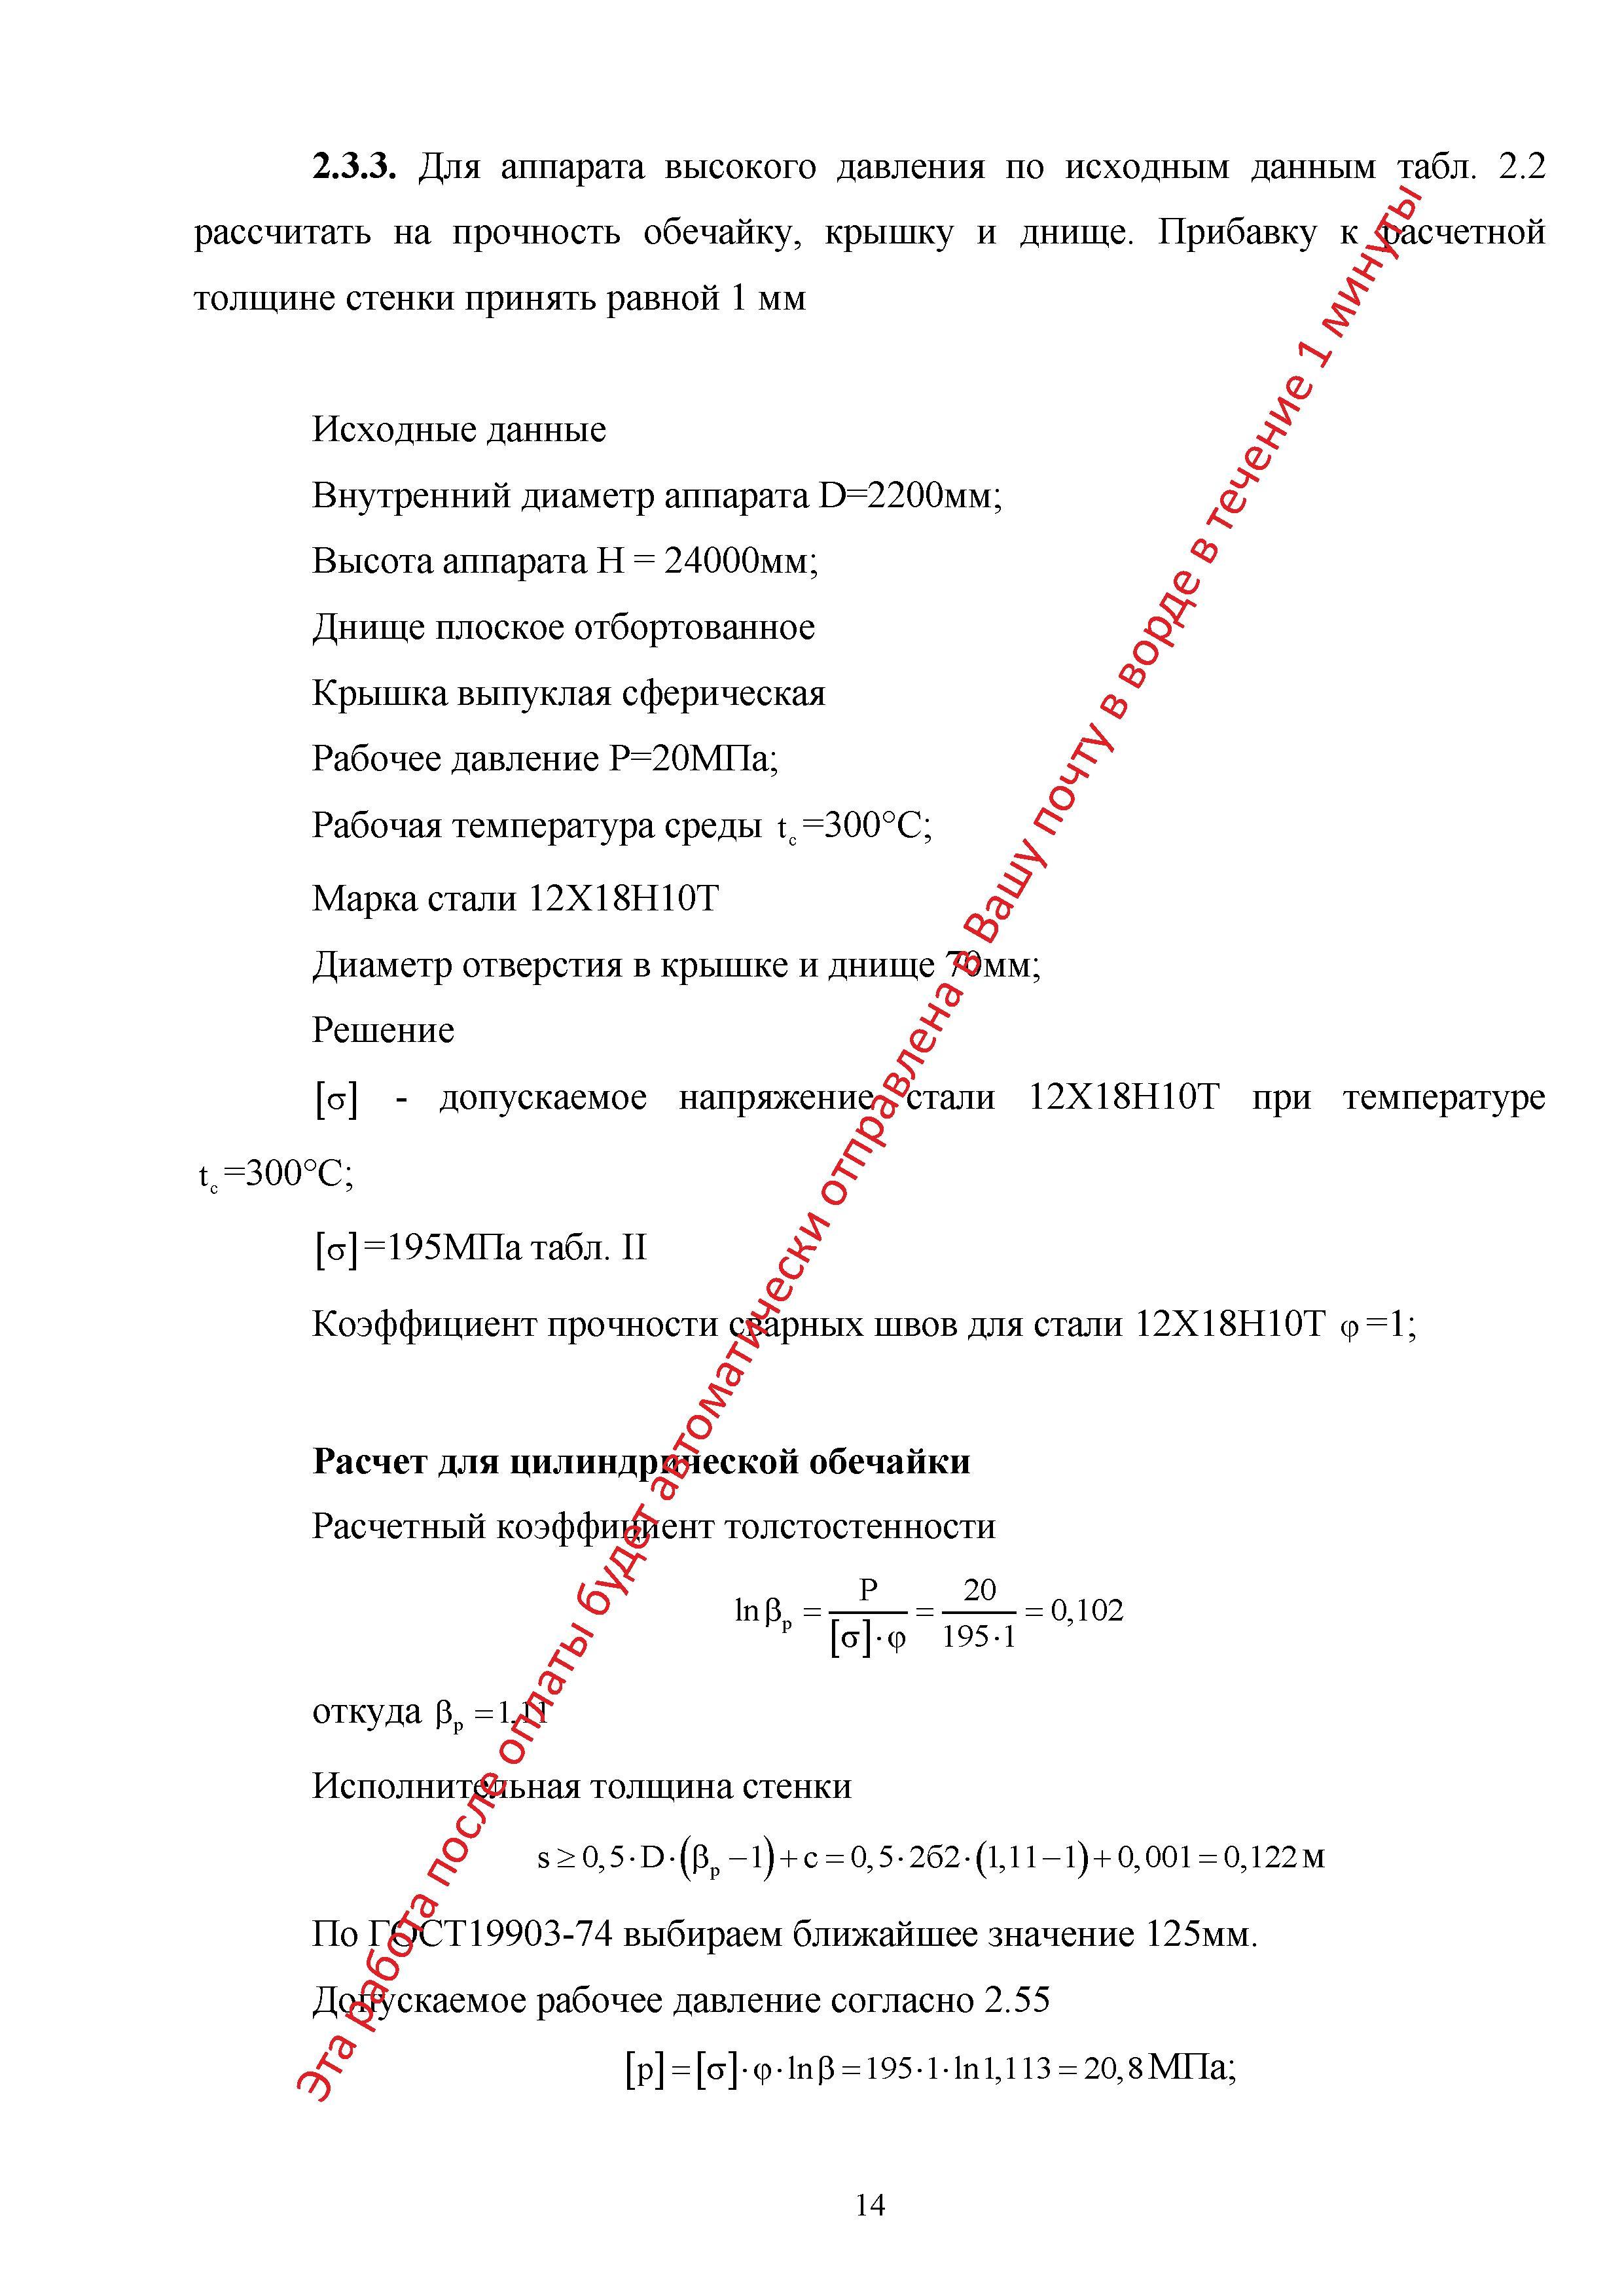 По данным табл. 1.35 рассчитать укрепление отверстия, предварительно выбрав тип укрепления отверстия в медных и латунных аппаратах укреплять отбортовкой